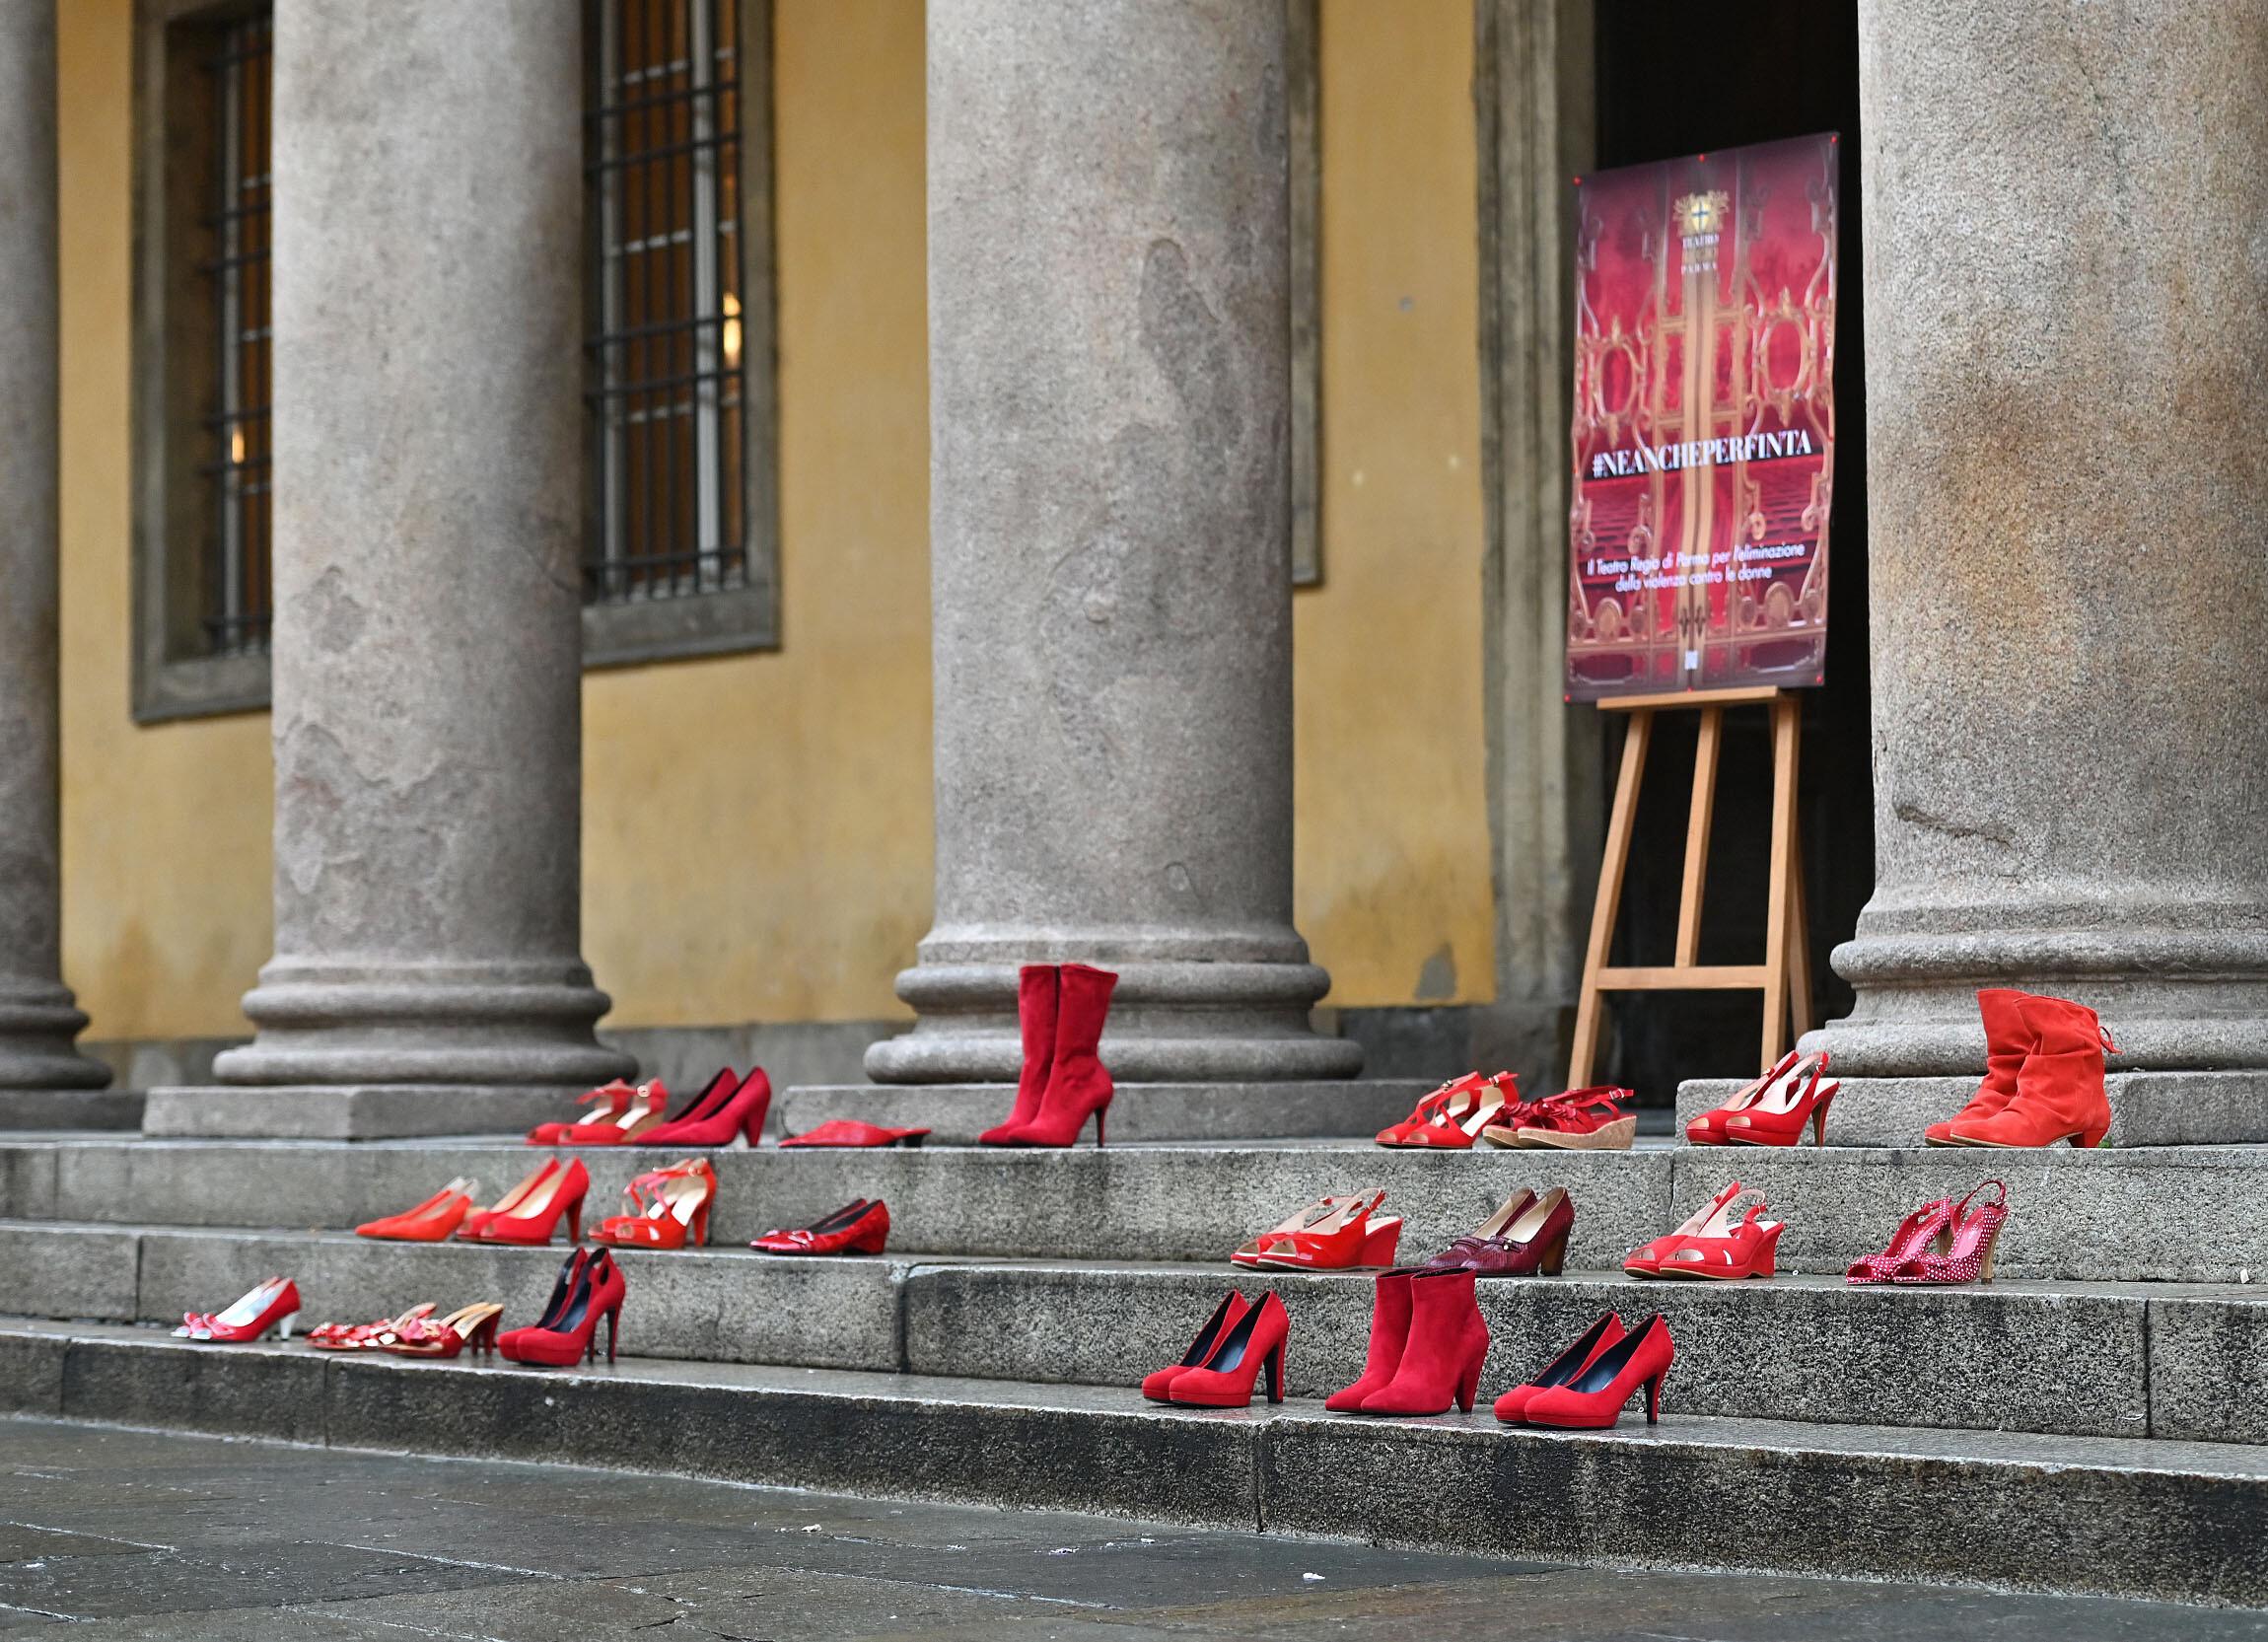 Il Teatro Regio di Parma aderisce alla Giornata mondiale contro la violenza sulla donna con il secondo atto della campagna #neancheperfinta